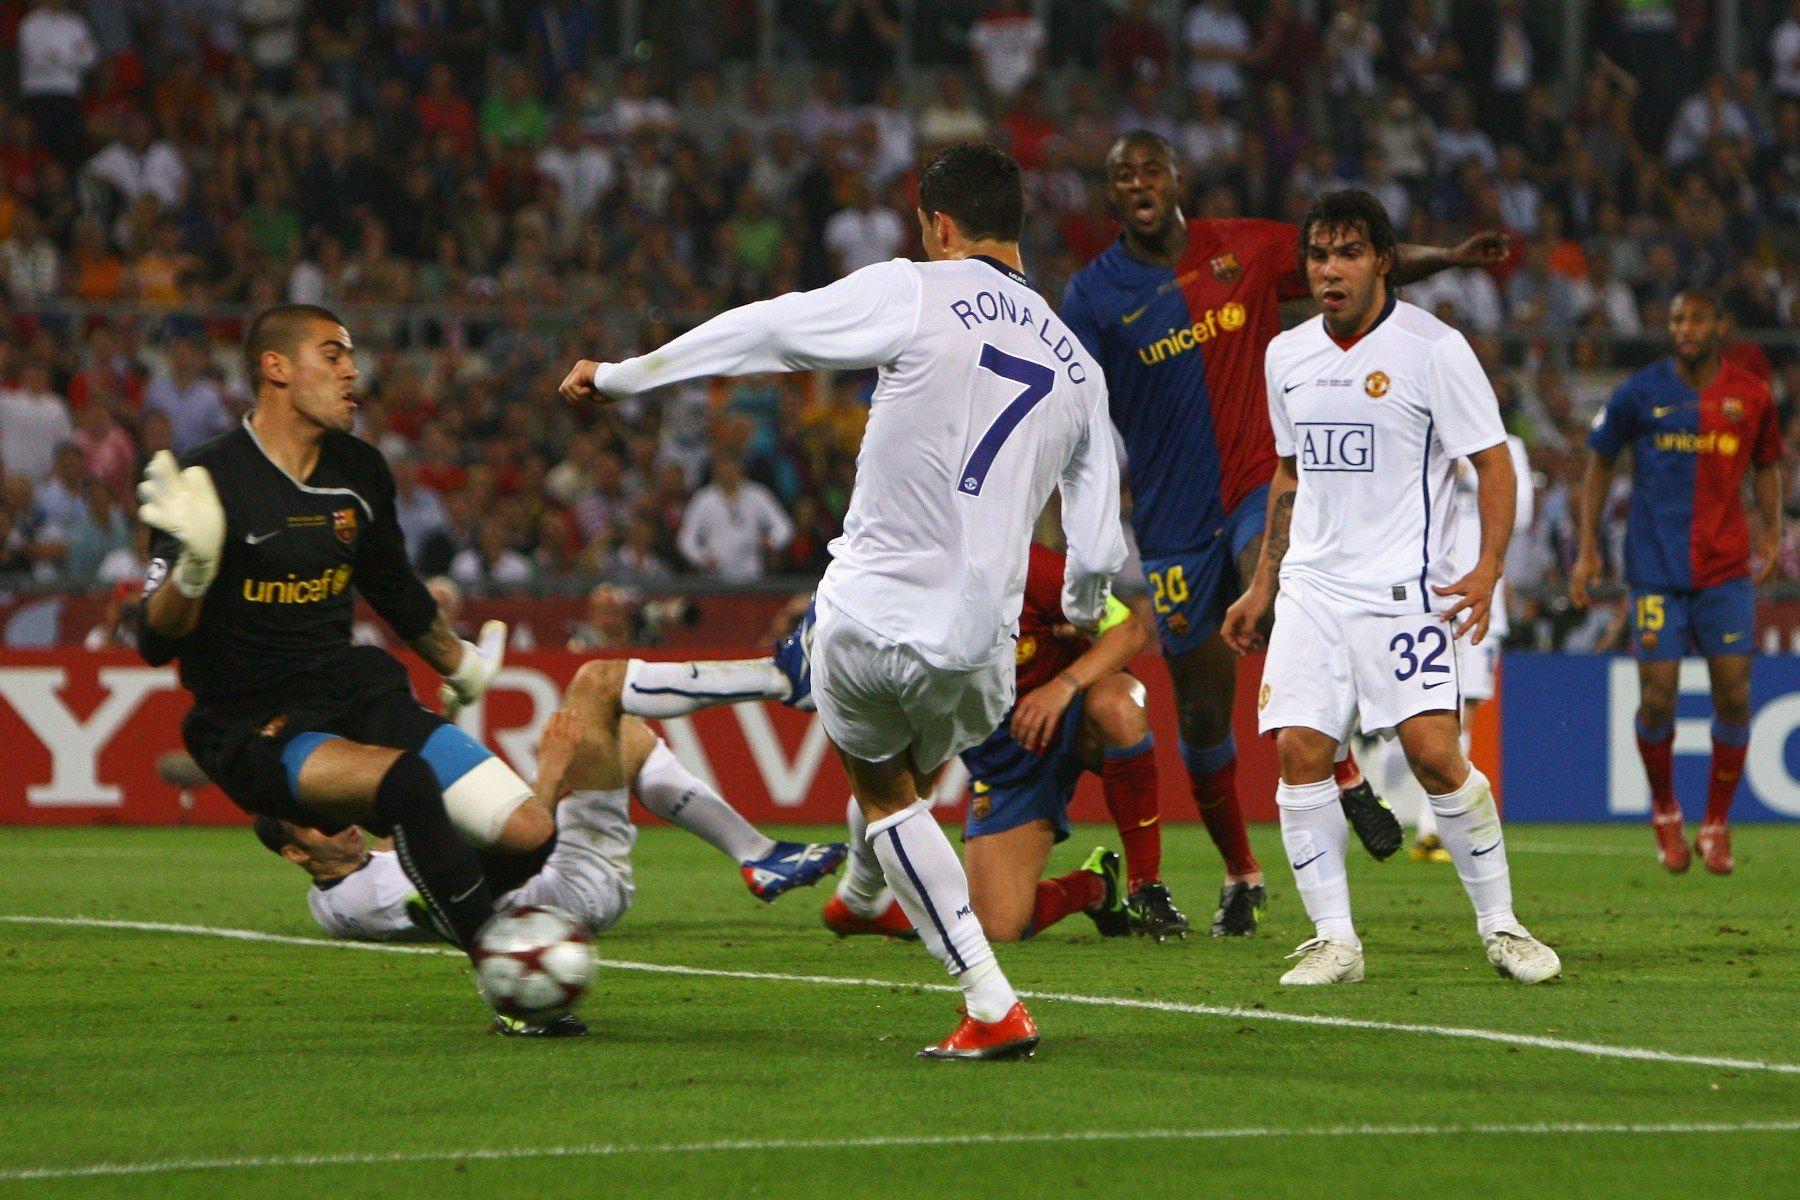 Една от малкото ситуации пред Роналдо в мача